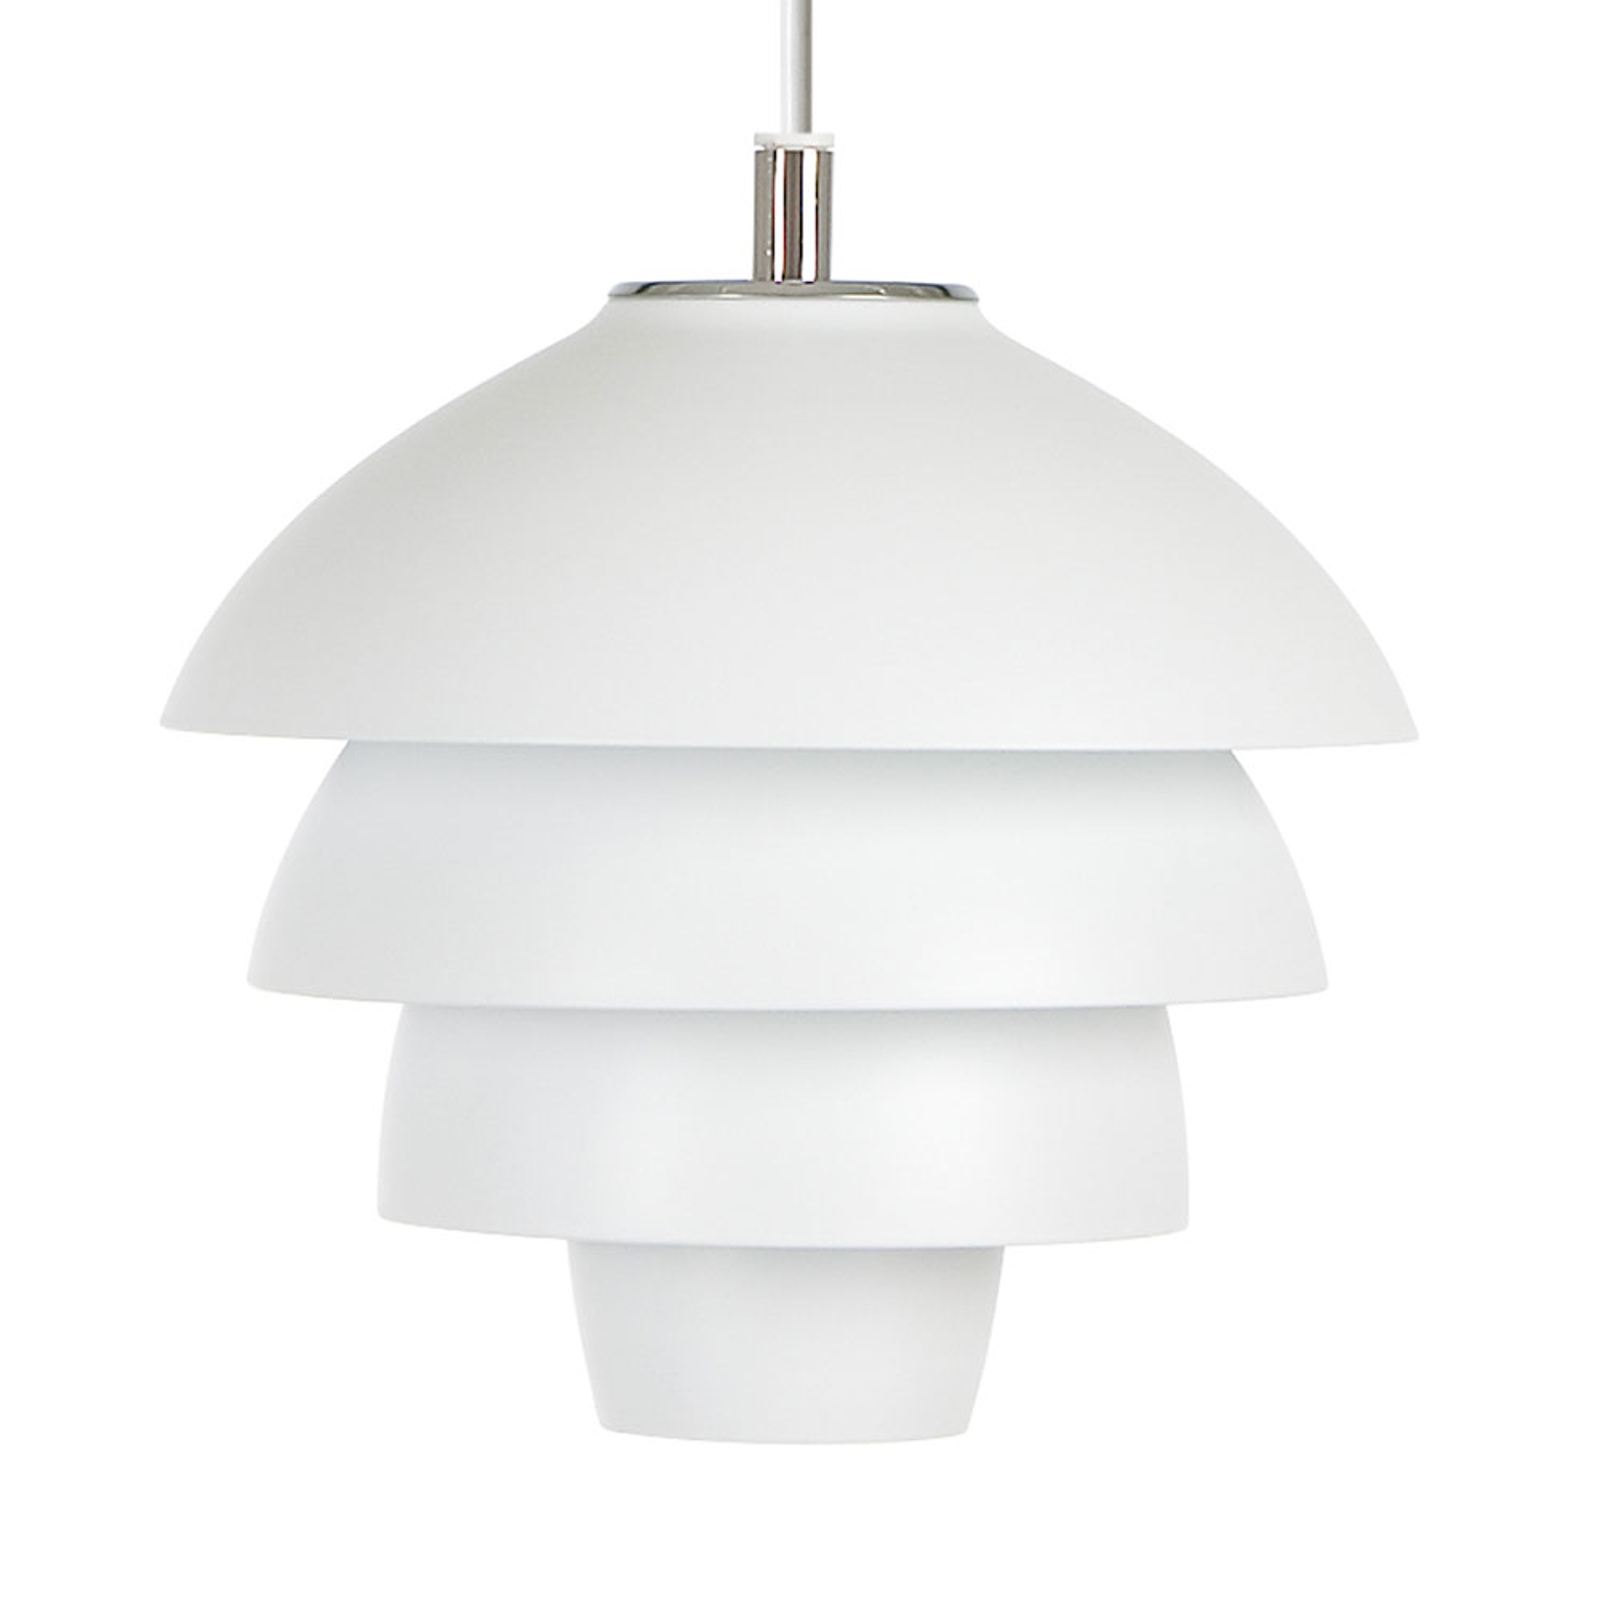 Lampa wisząca Valencia, Ø 18 cm, biała, z wtyczką